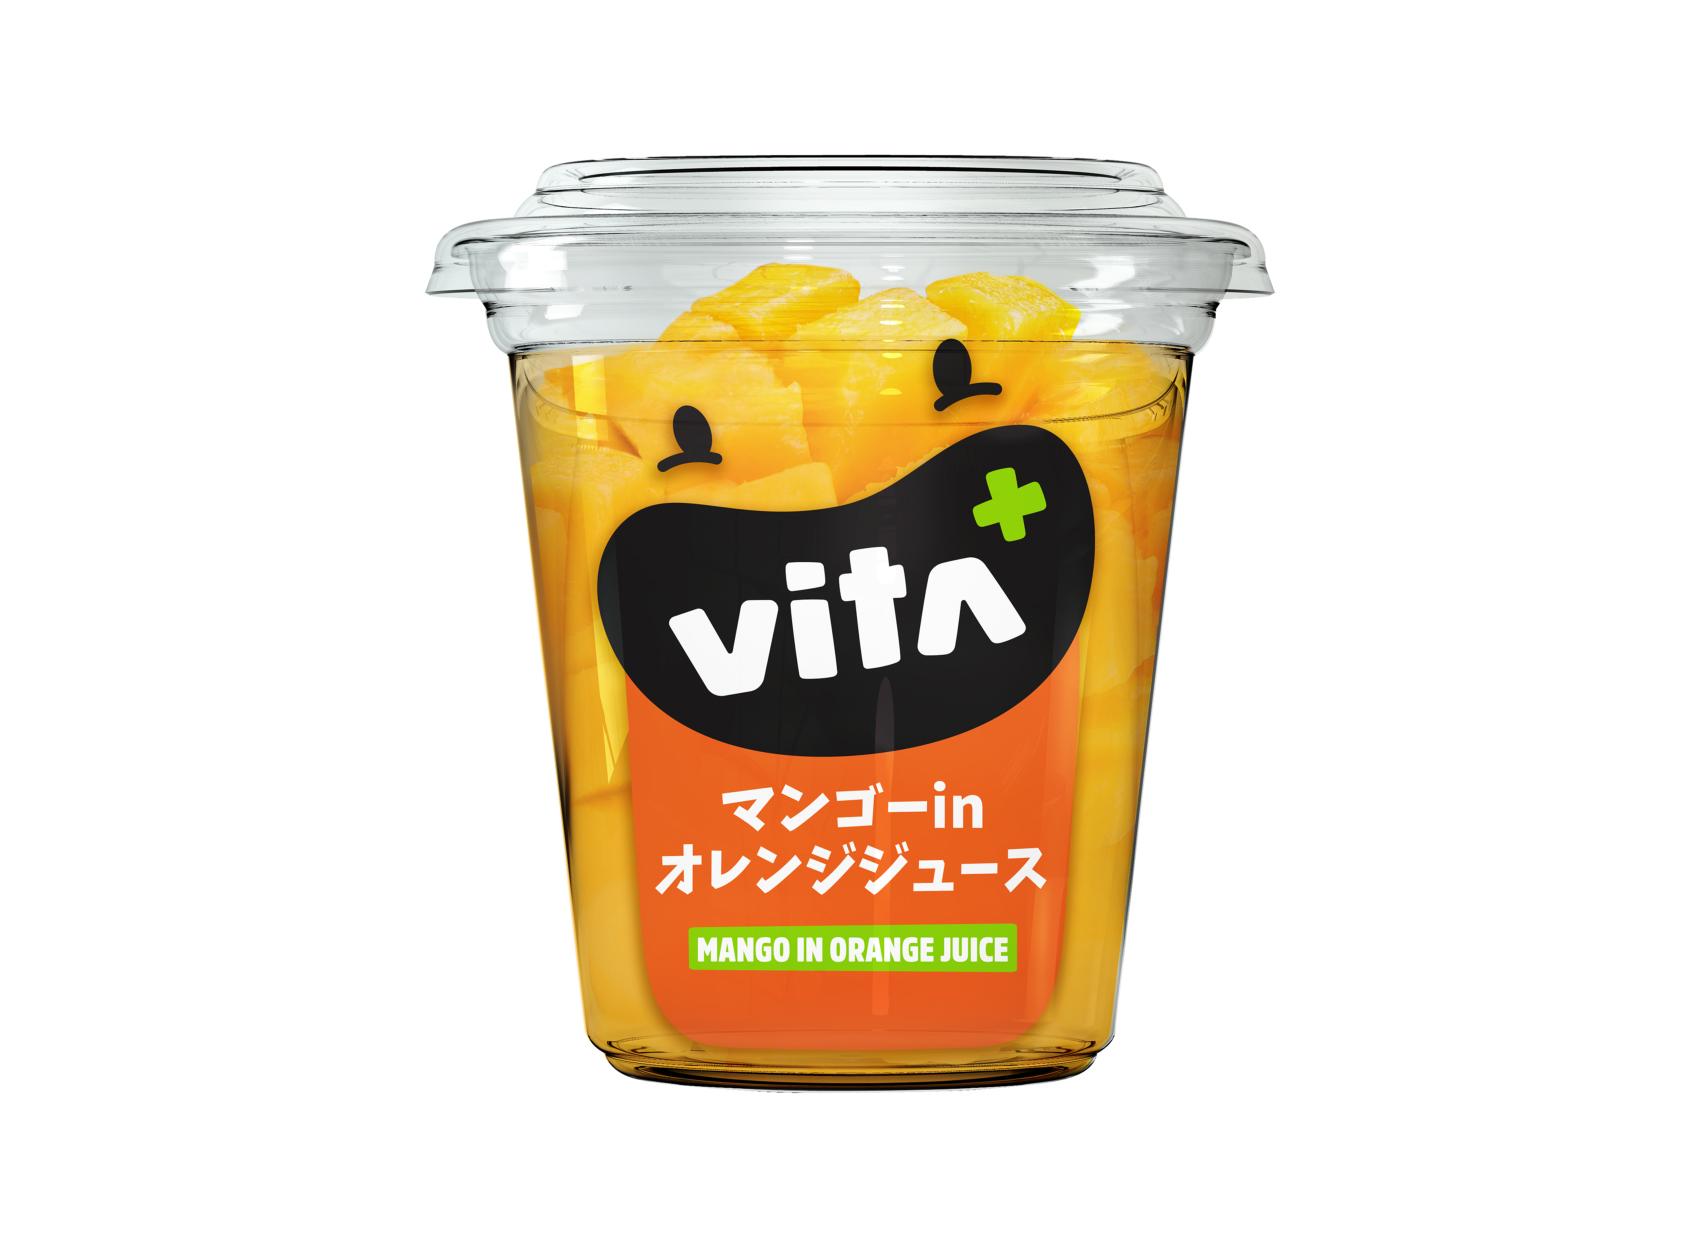 Vita+ マンゴー in オレンジジュース